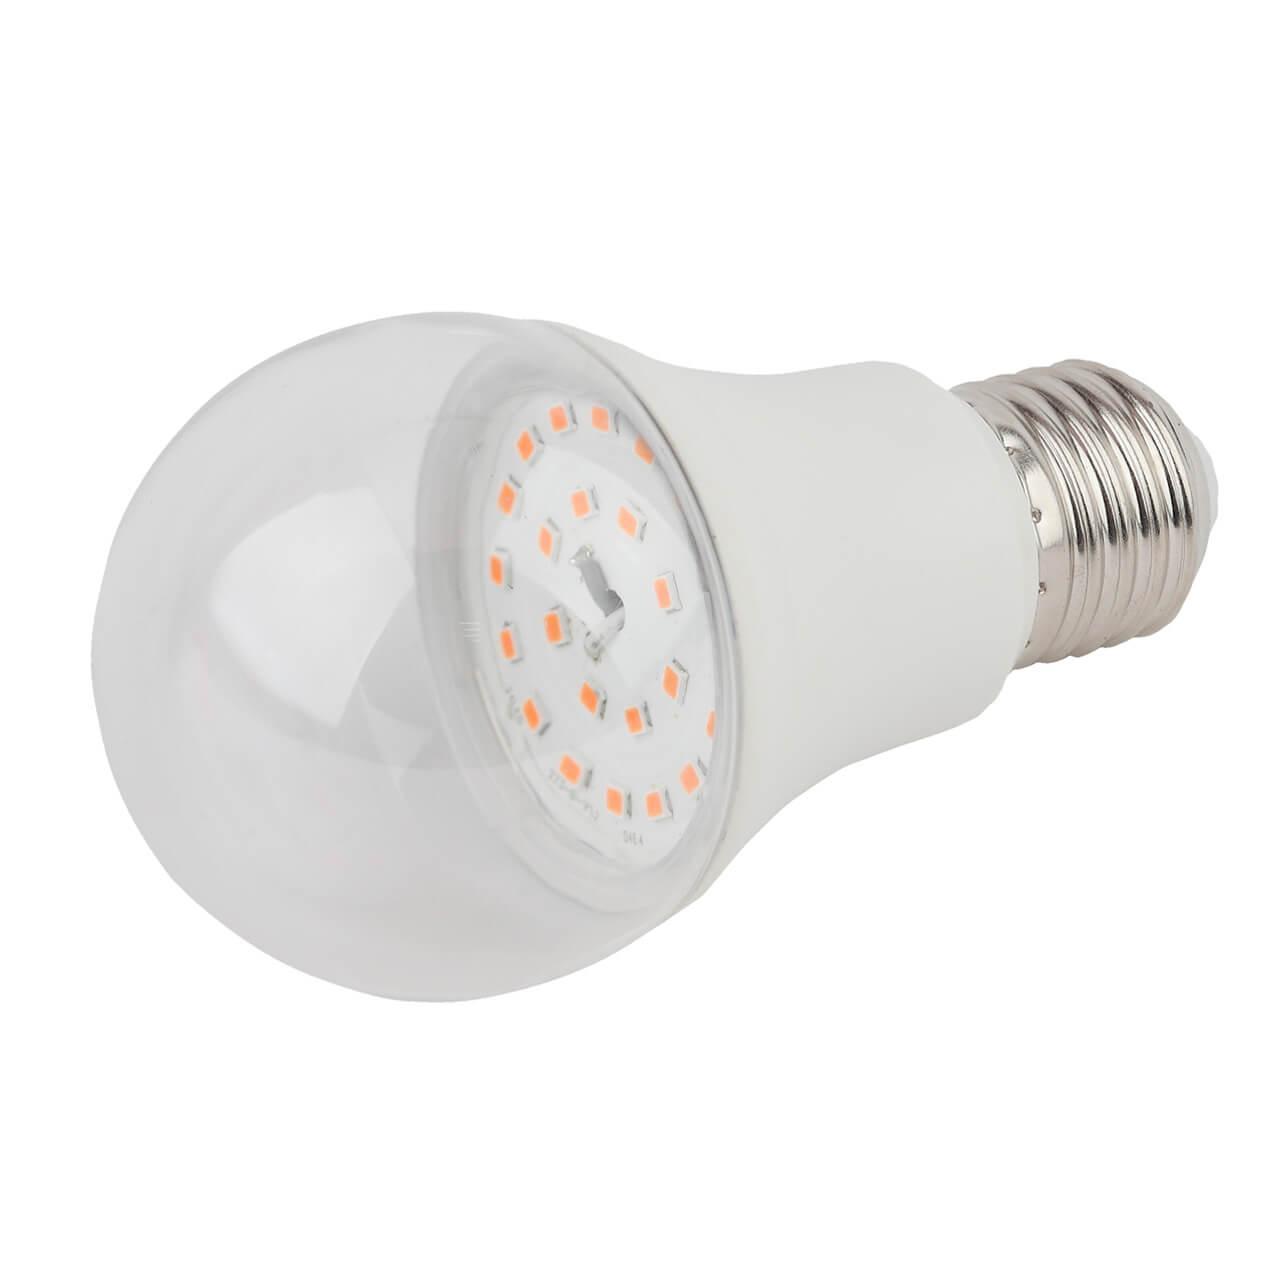 Лампа светодиодная для растений ЭРА E27 11W 2150K прозрачная FITO-11W-Ra90-E27 купить, цены в Москве на goods.ru